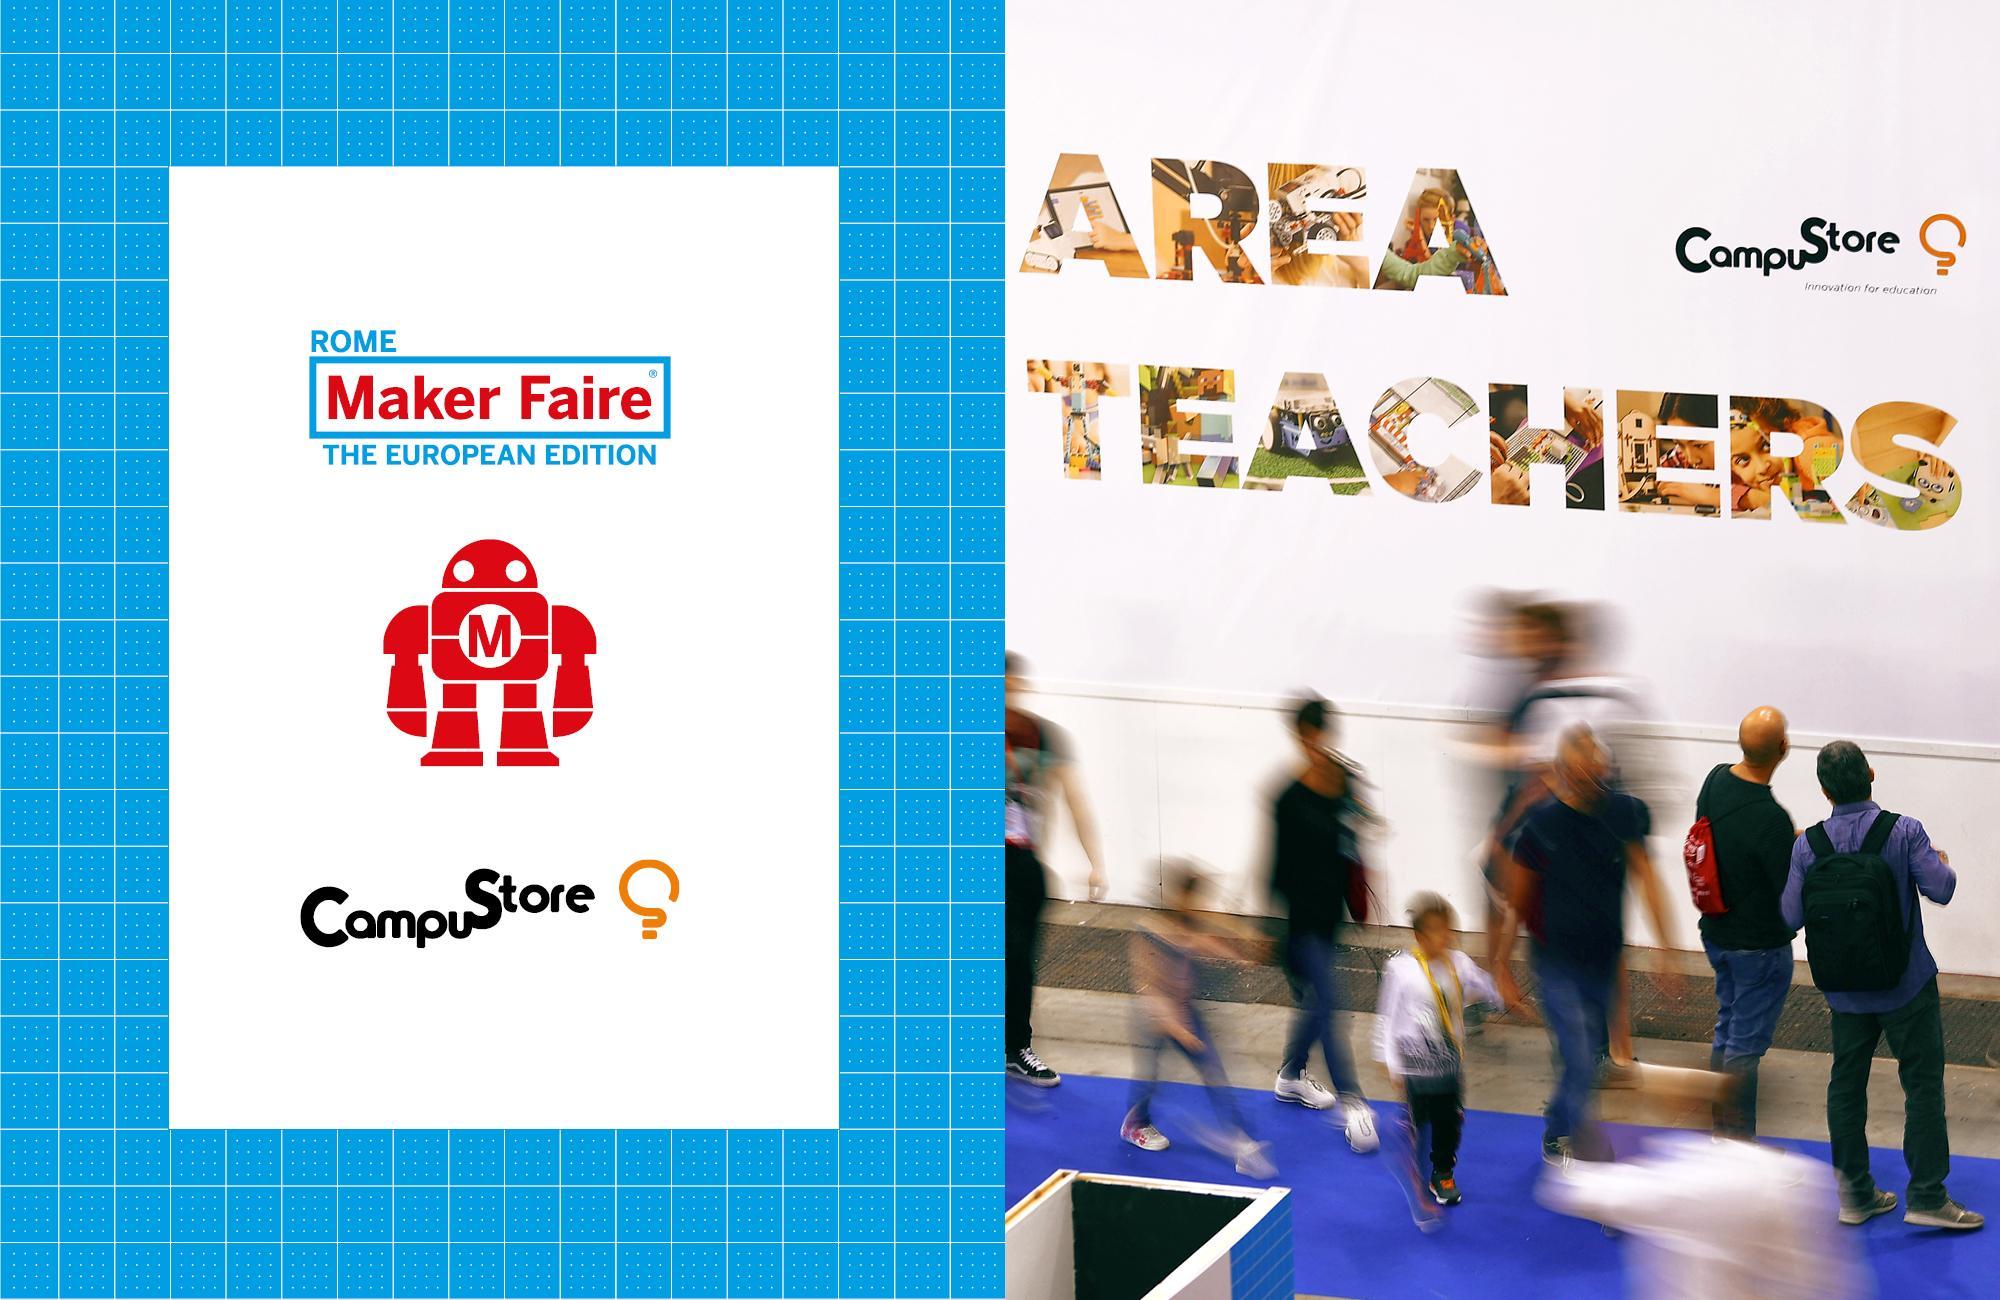 STEAM a scuola: come l'innovazione tecnologica sta cambiando il modo di fare lezione - Jasen Wang, fondatore e CEO di Makeblock riflette sul futuro che attende le scuole di tutto il mondo